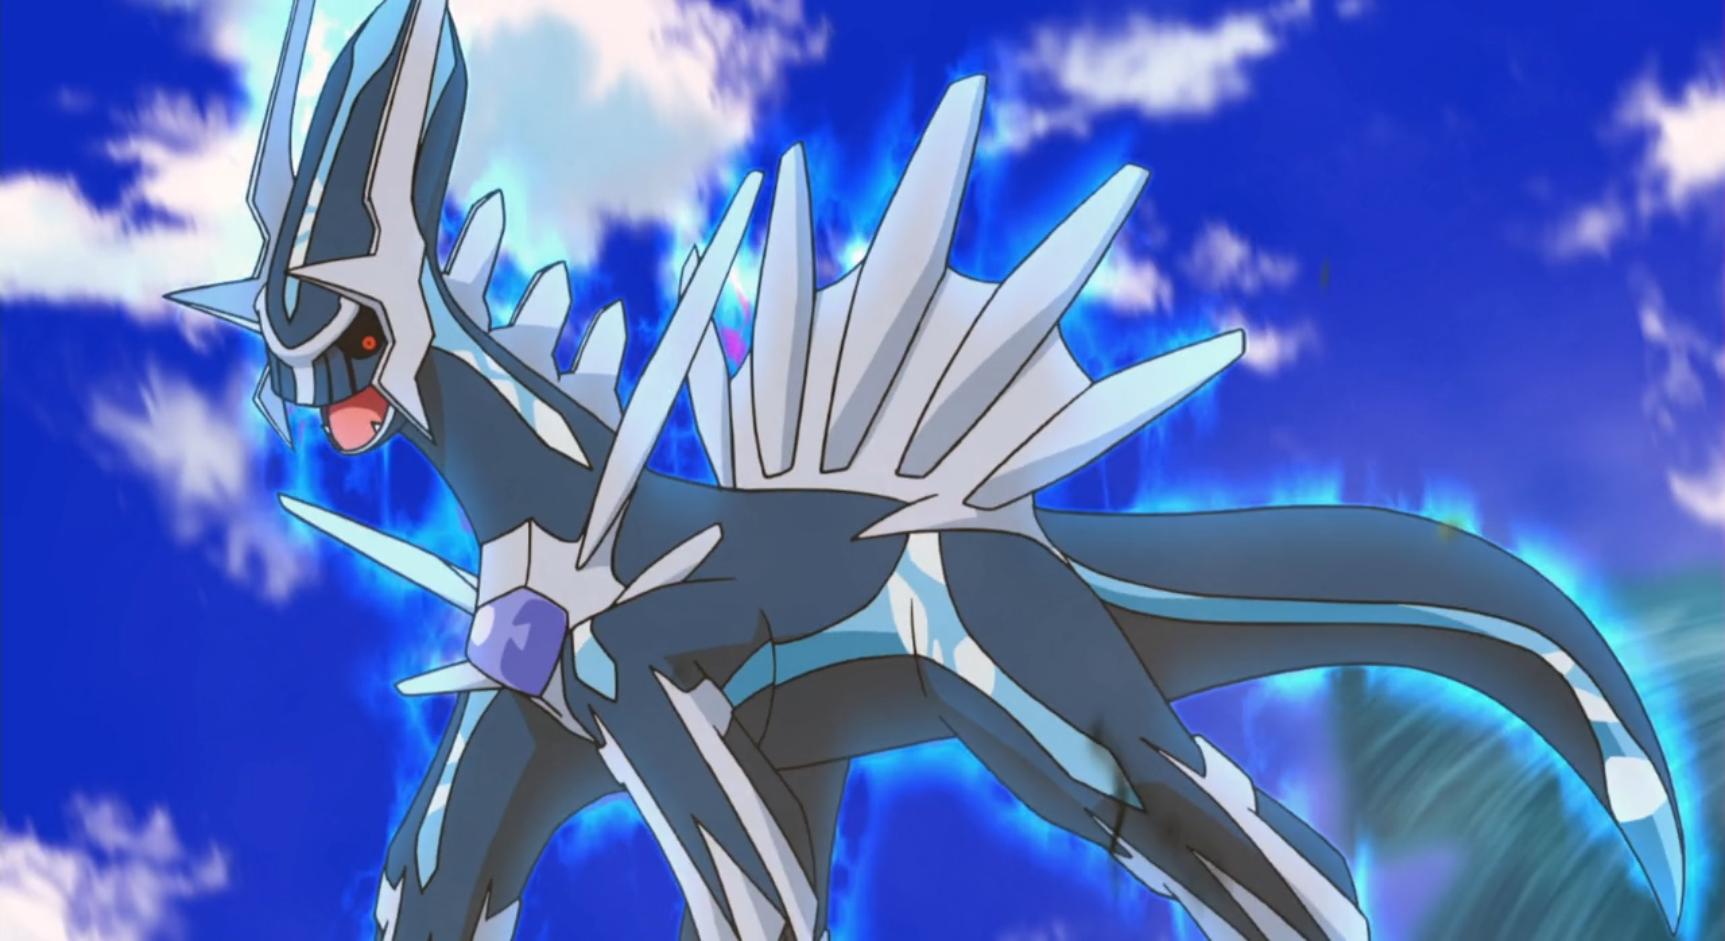 Dialga (anime) - The Pokémon Wiki